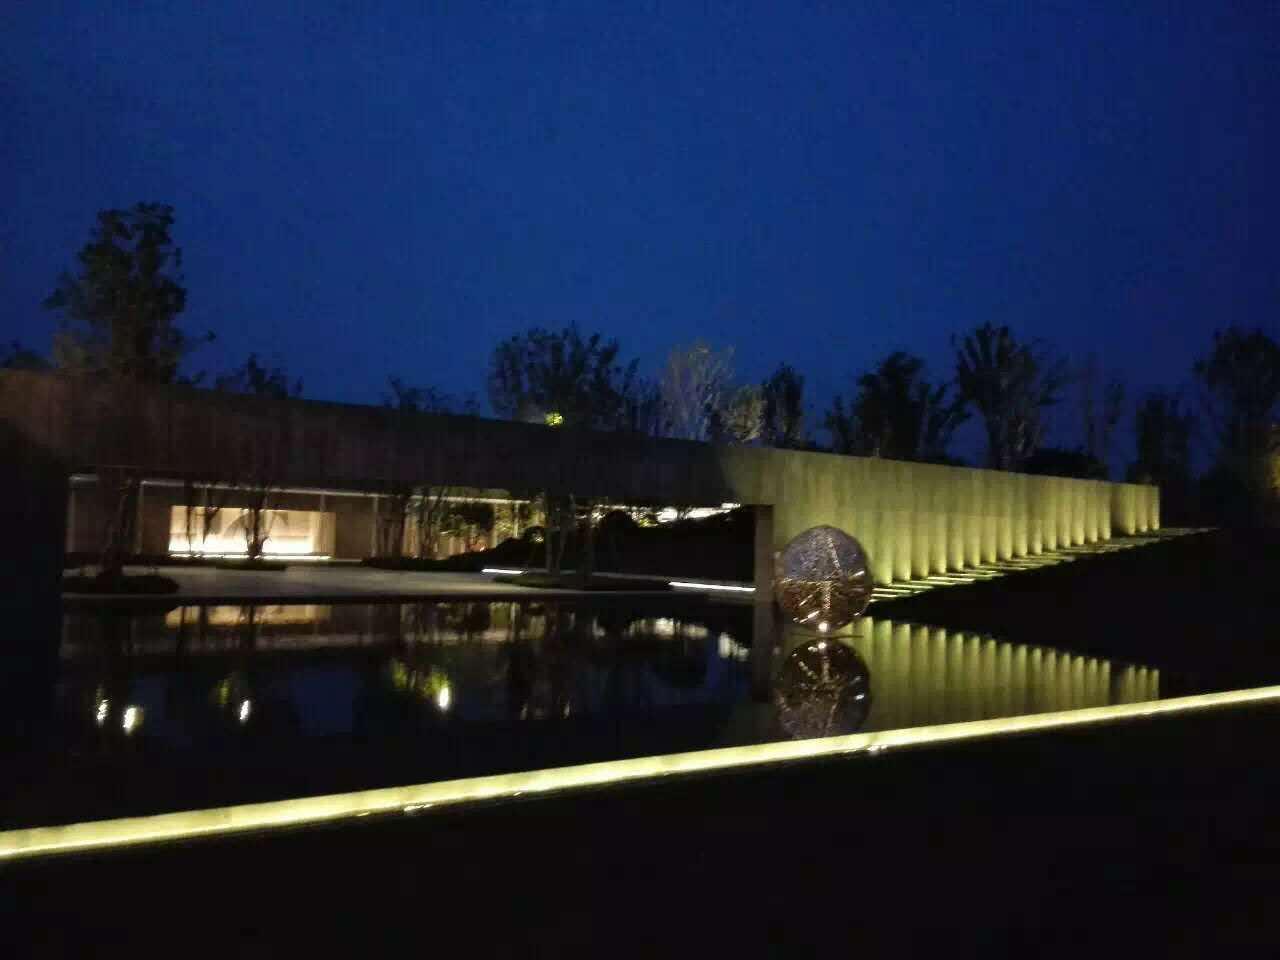 【光同亮—户外照明】河南郑州中牟普罗旺斯理想国展示中心